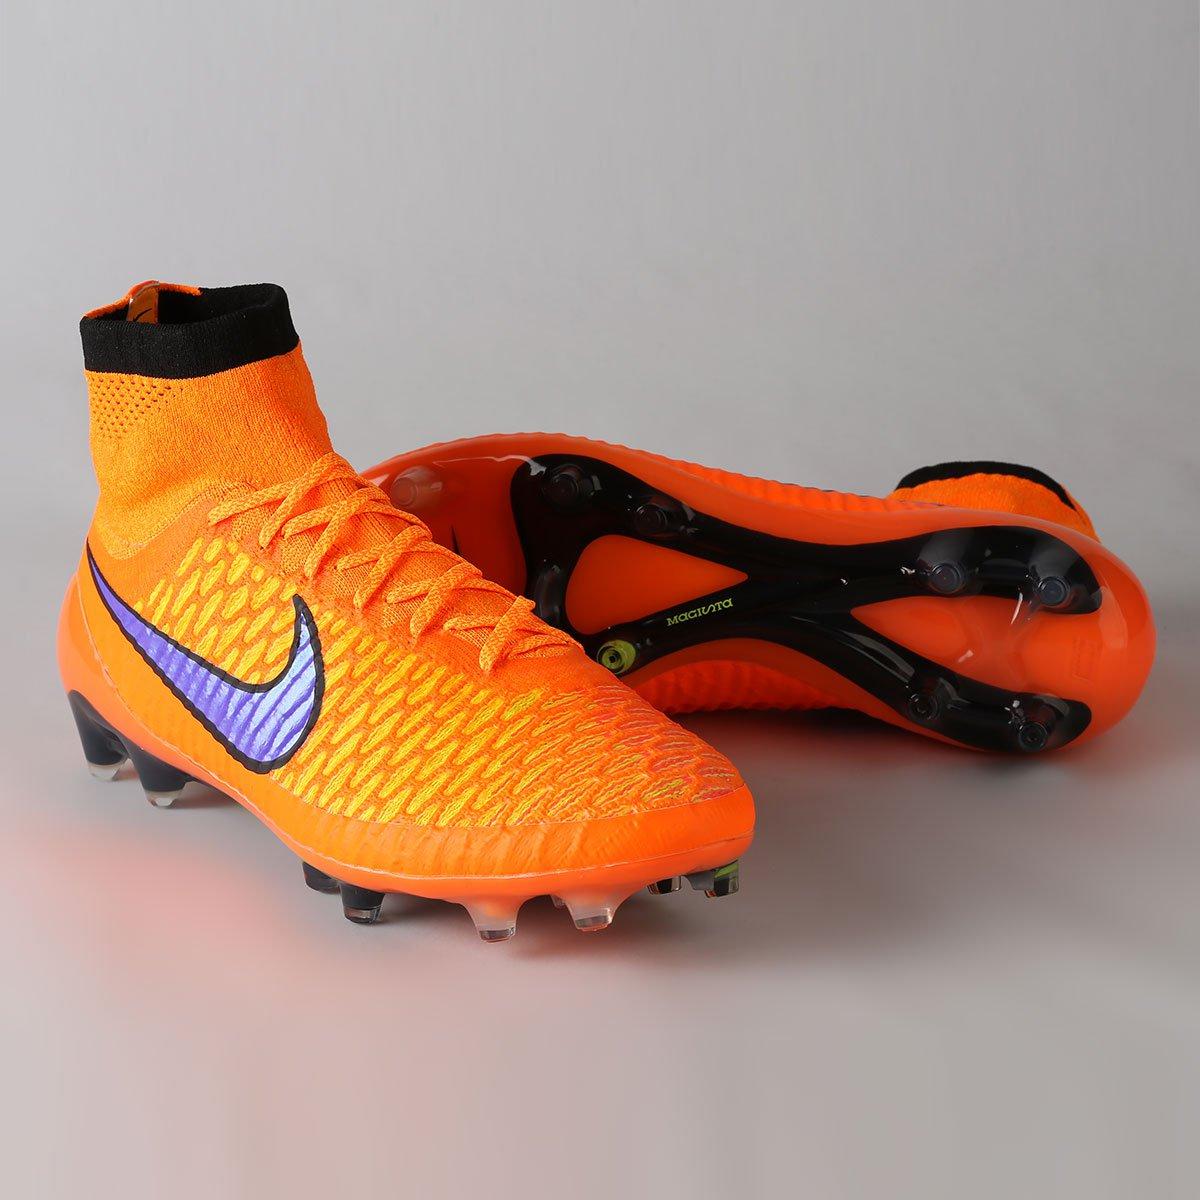 0ad93608f5b19 Chuteira Nike Magista Obra FG Campo - Compre Agora